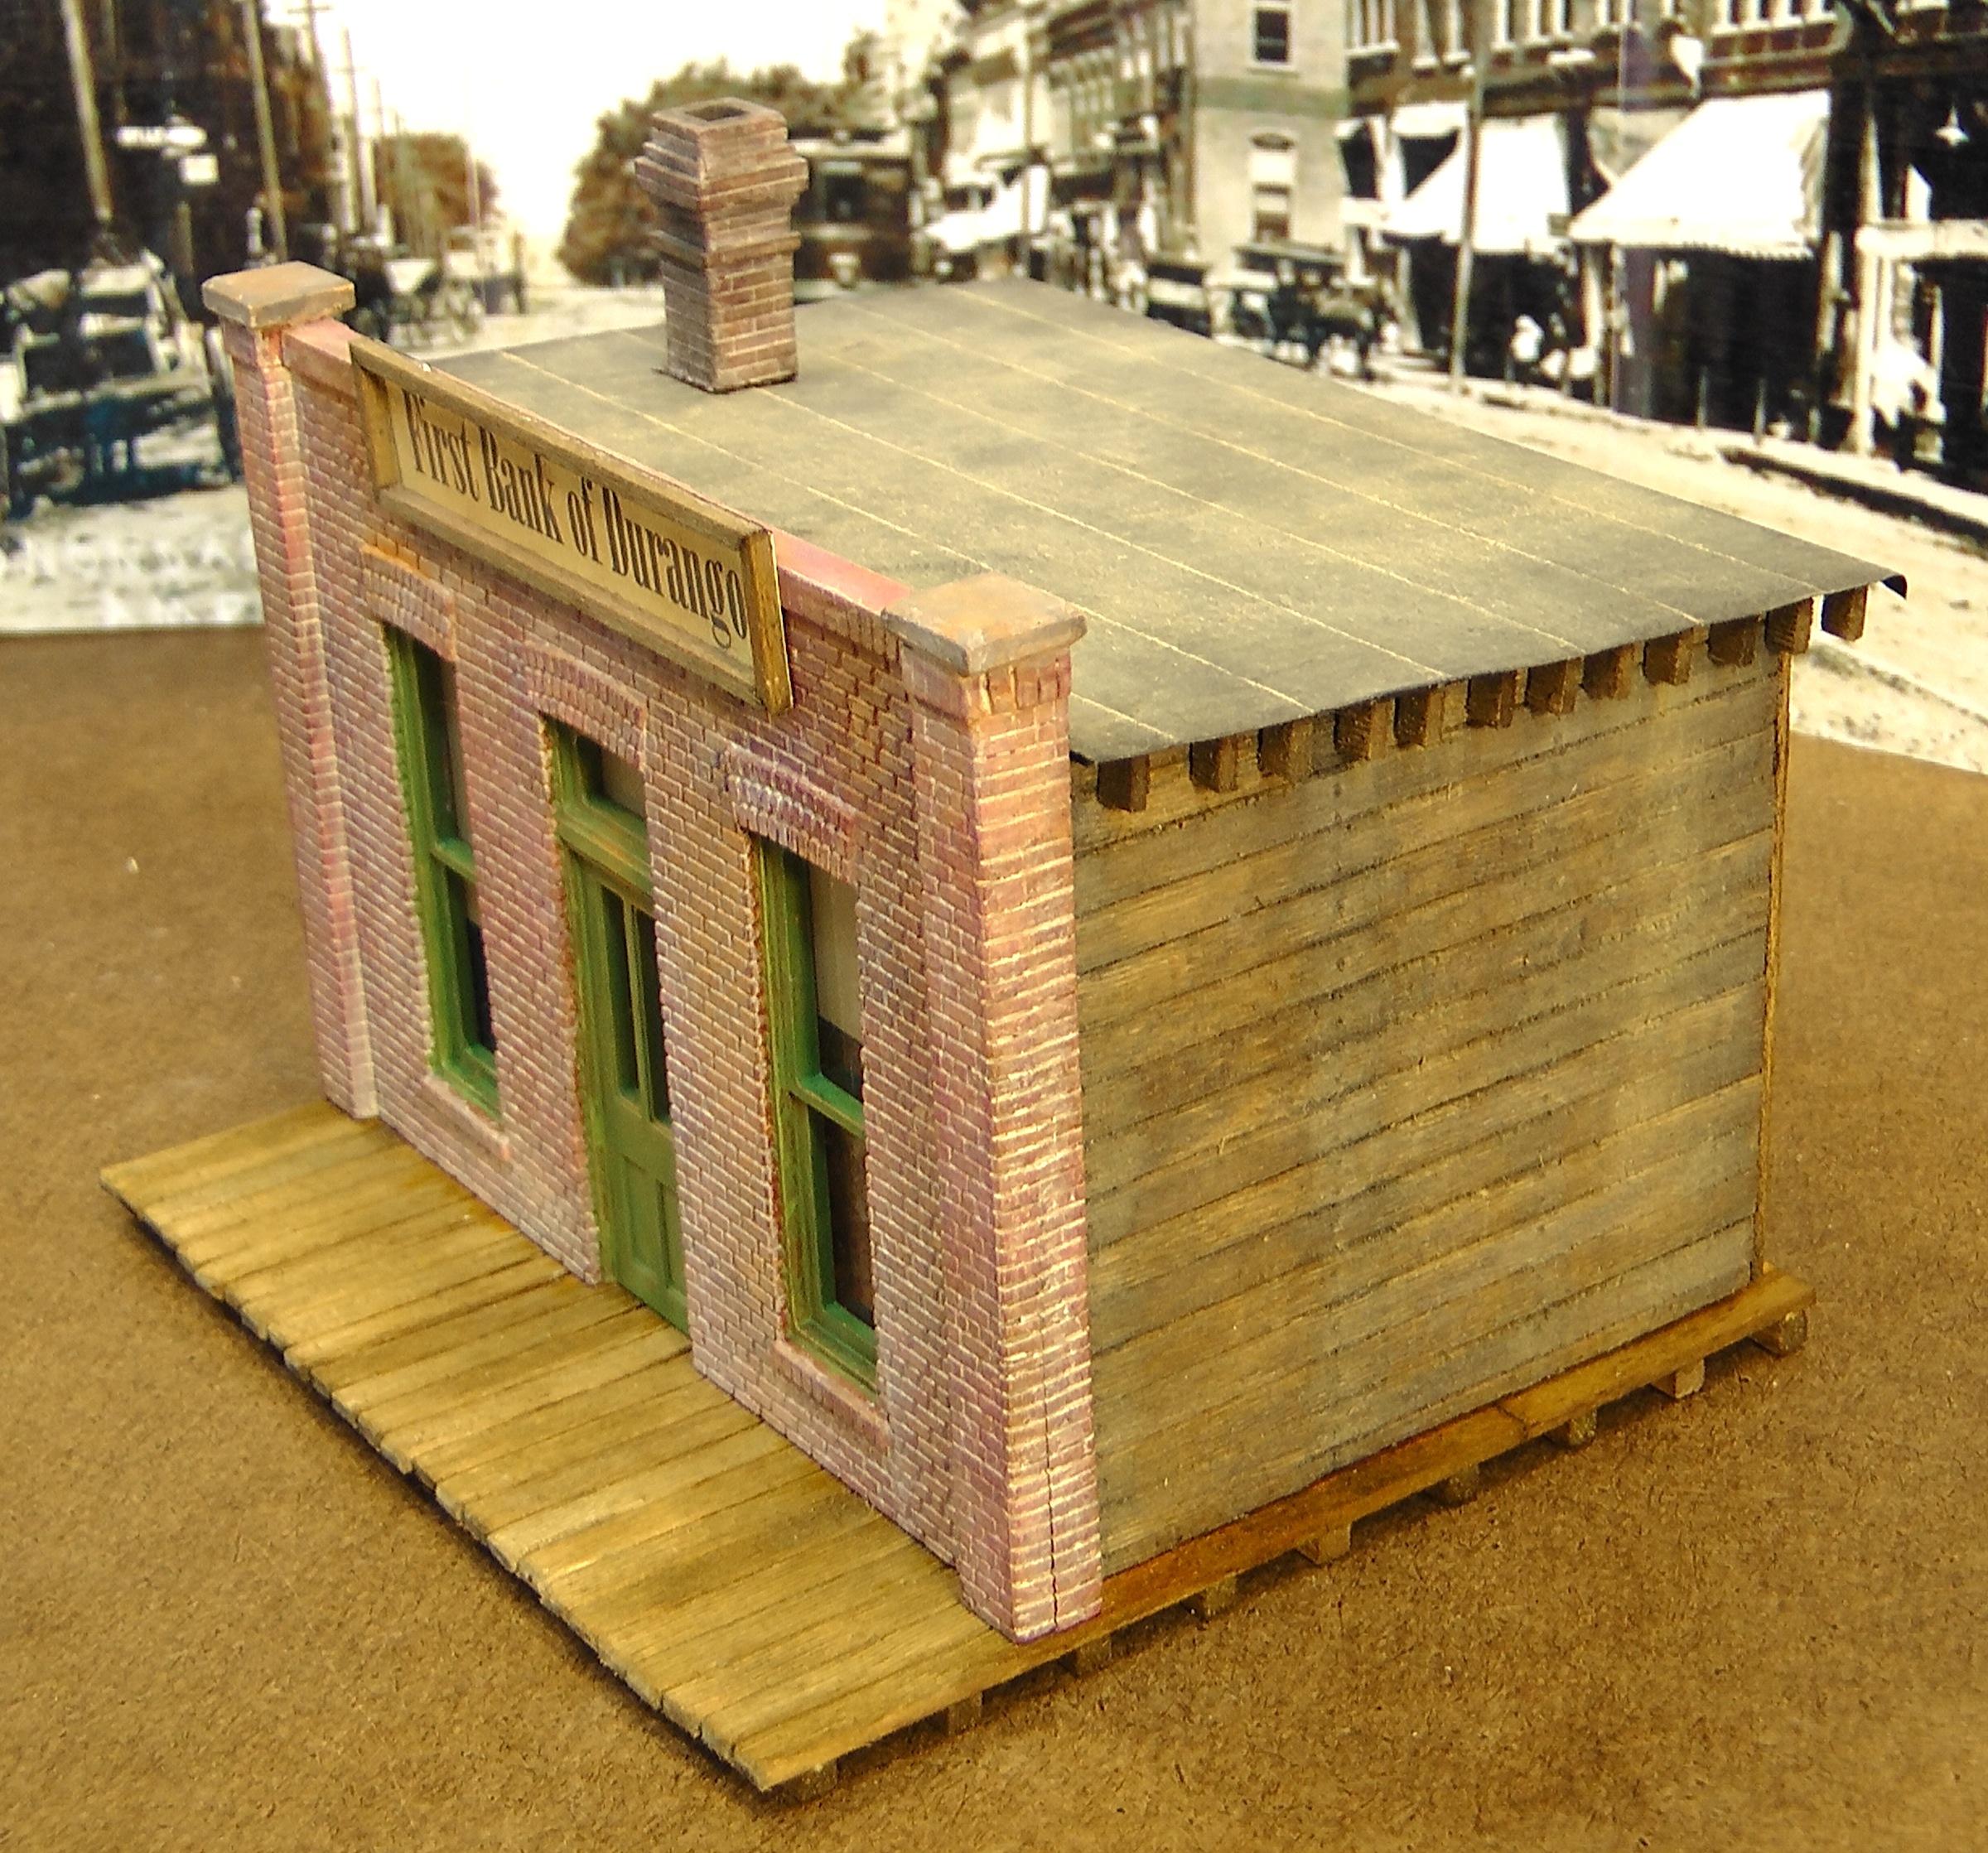 First Bank of Durango | The Denver, Durango & Silverton Railroad